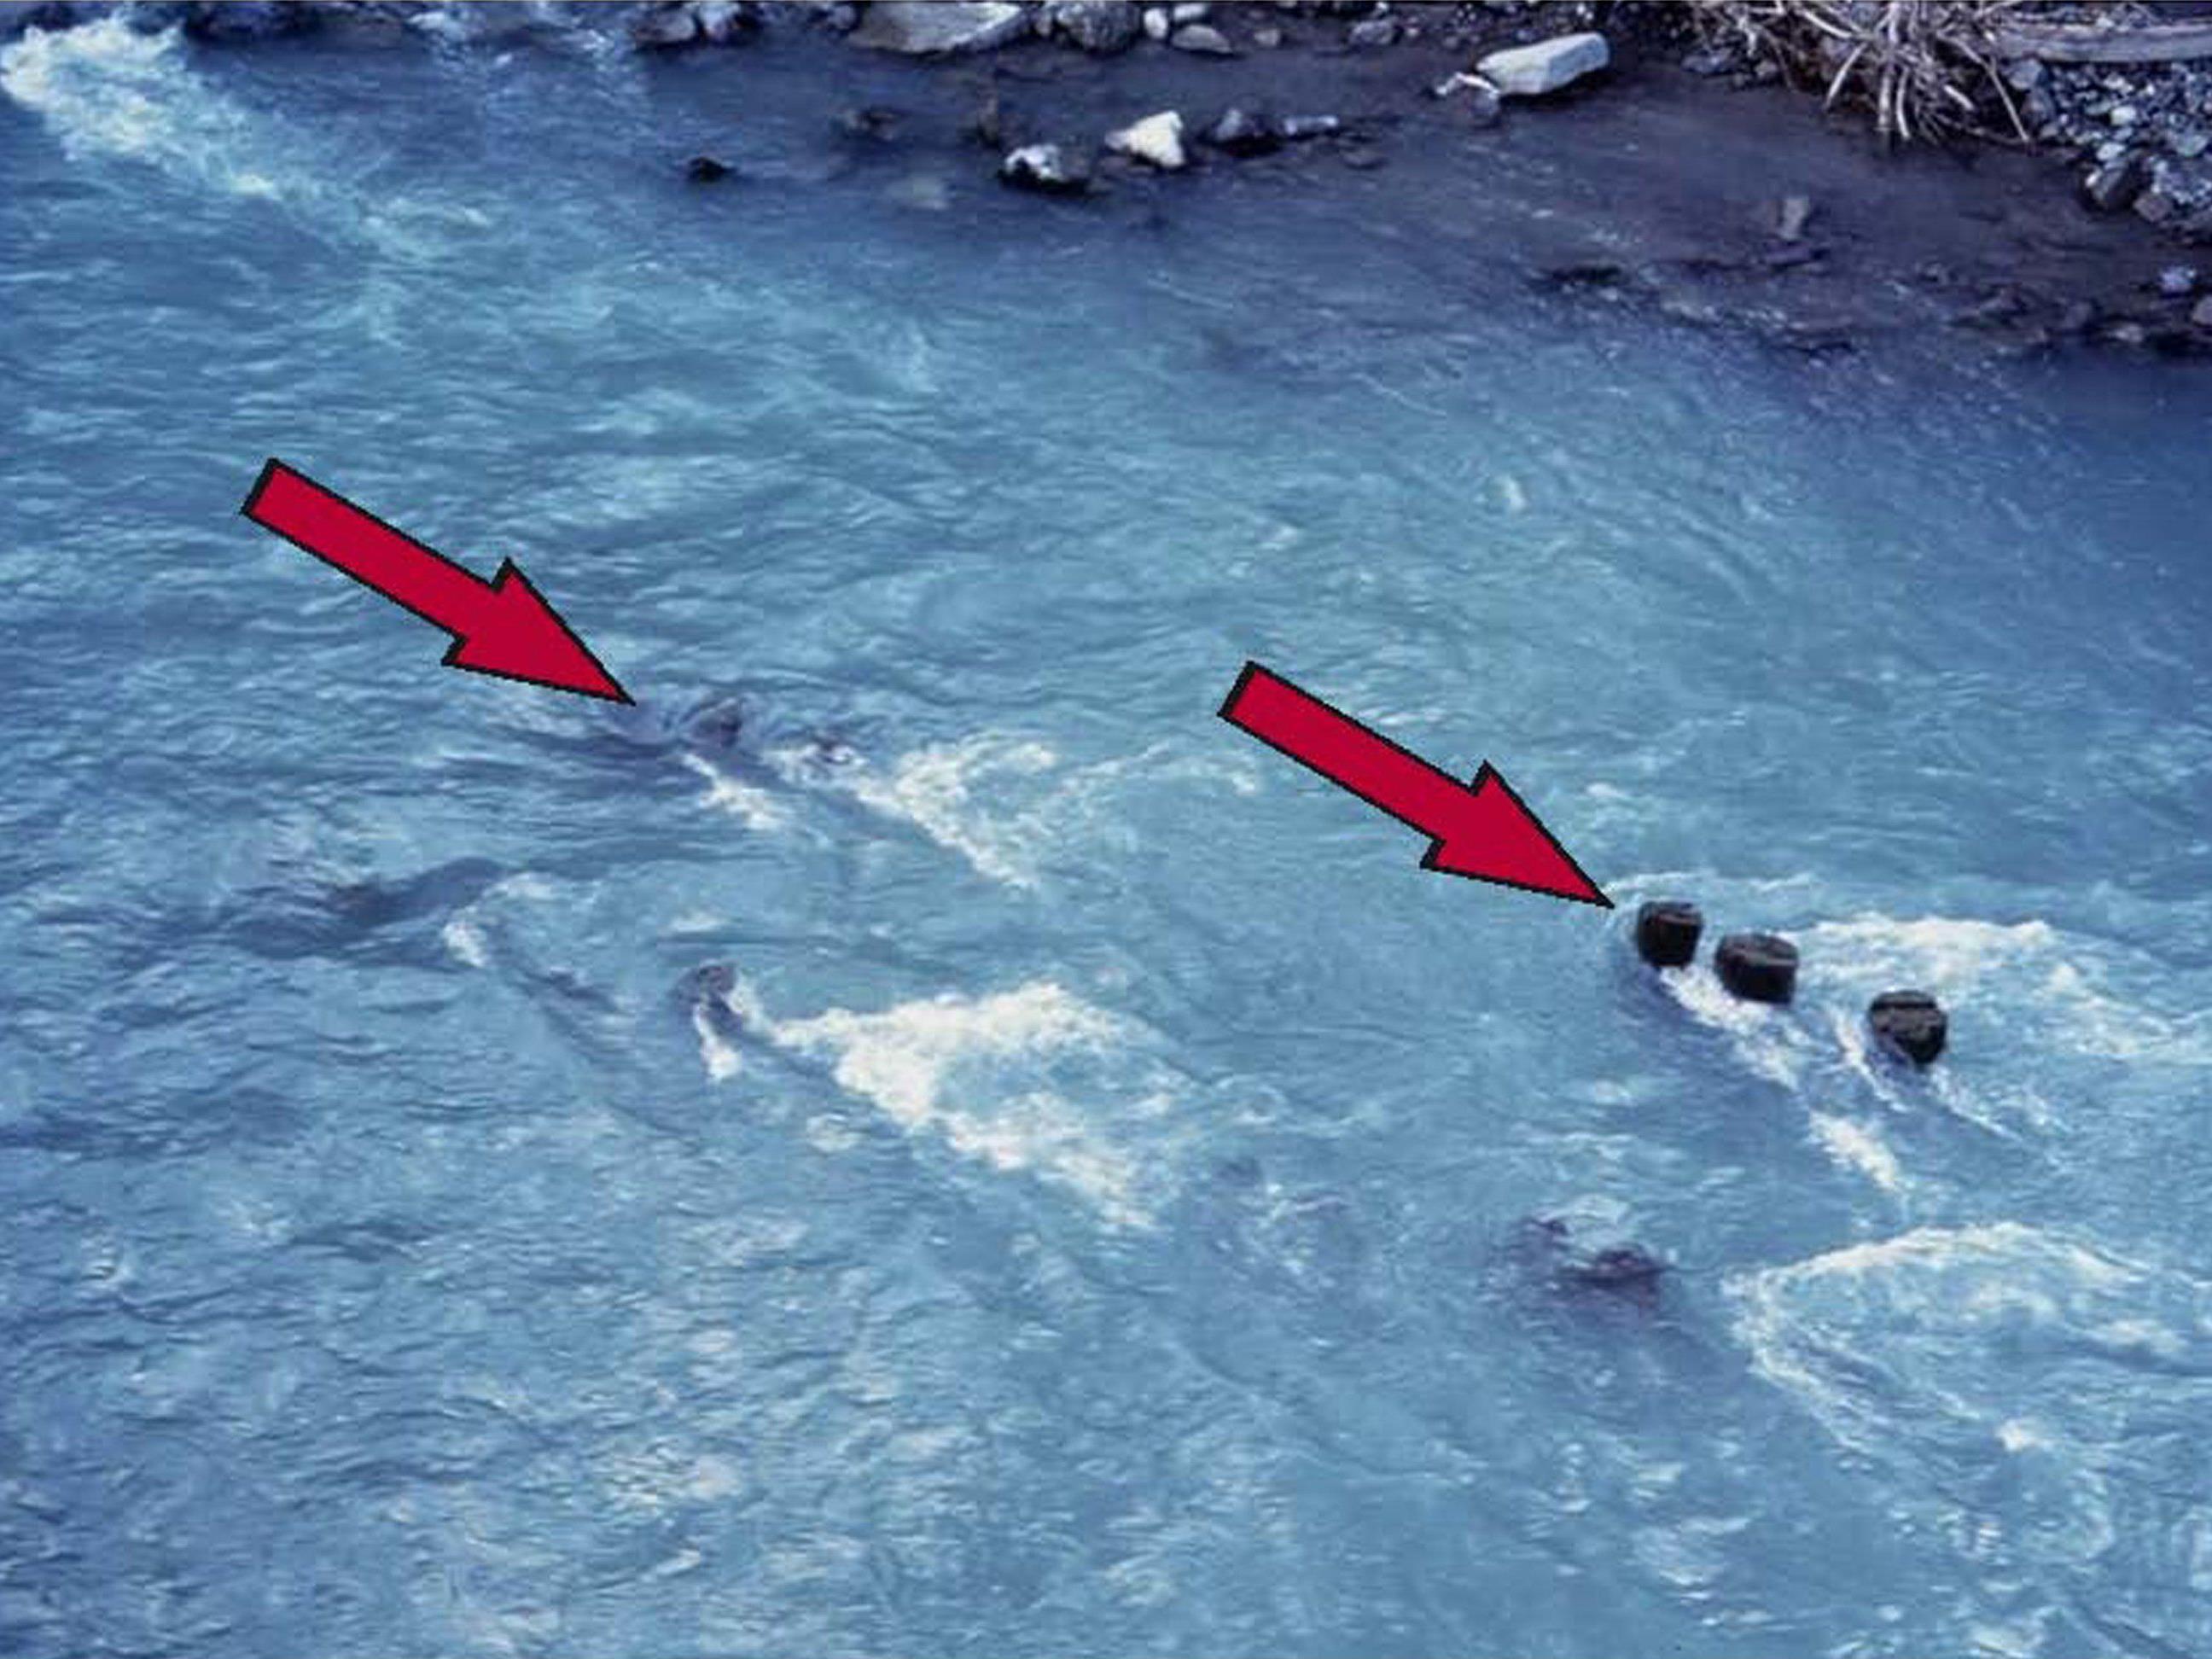 Große Vorsicht ist bei Wassersprüngen in unbekannte Tiefen angesagt.